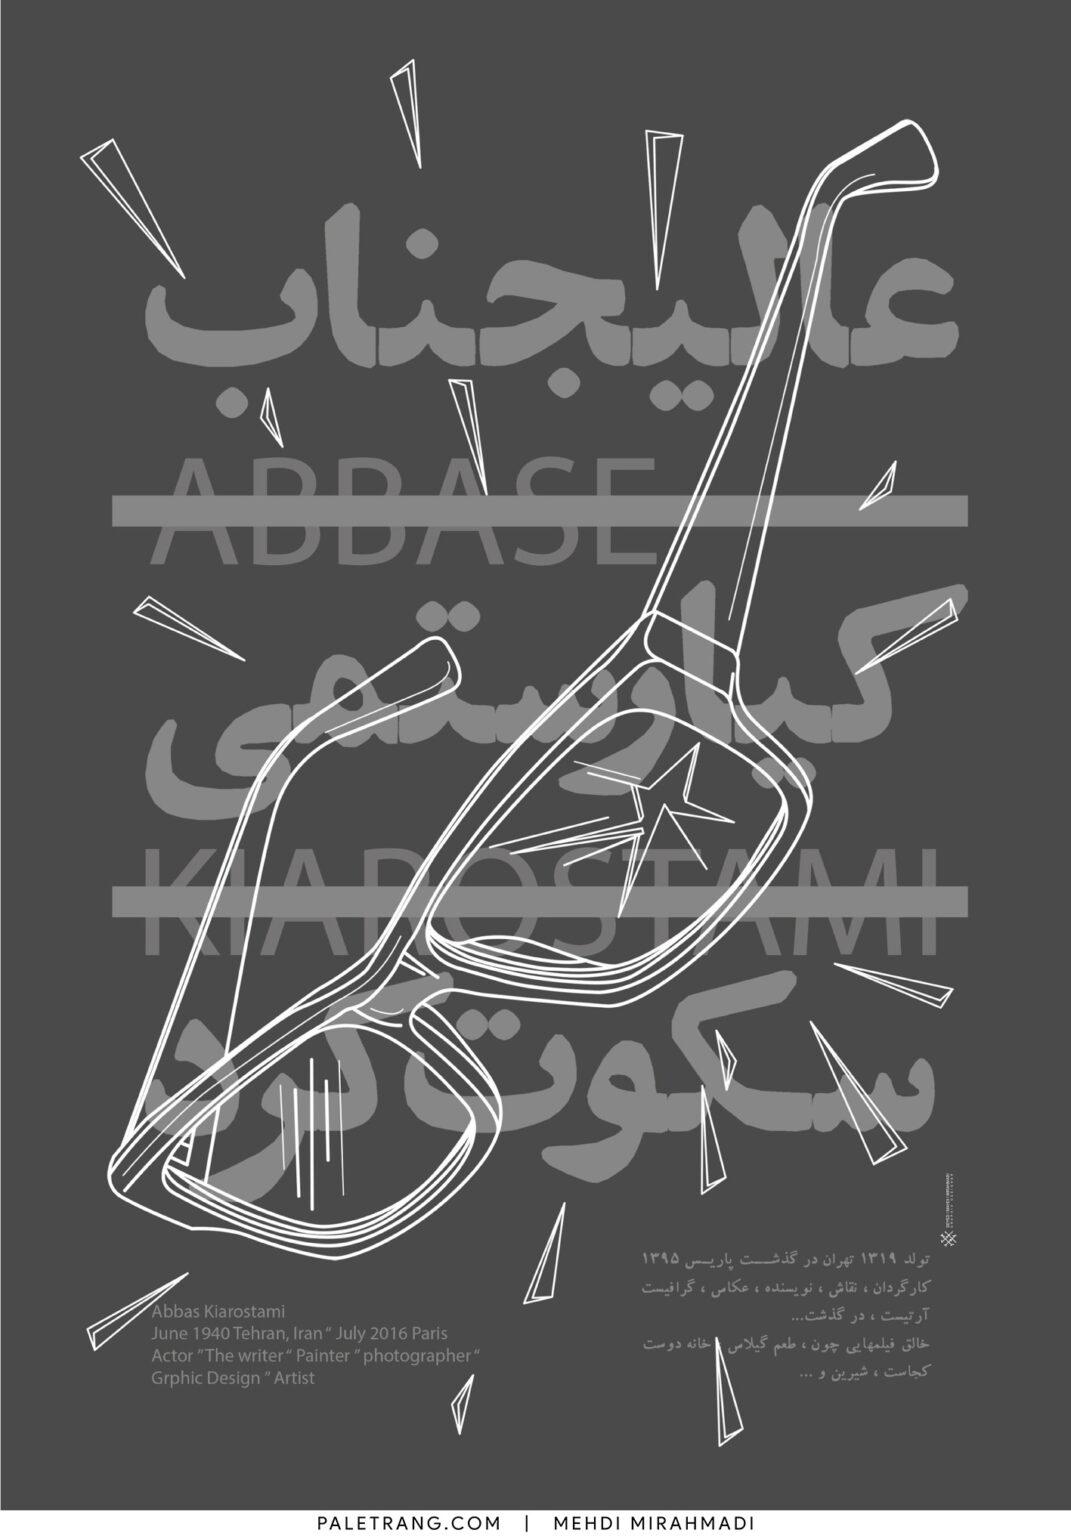 پوستر بزرگداشت عباس کیارستمی برای مجله چهل چراغ اثر سید مهدی میراحمدی